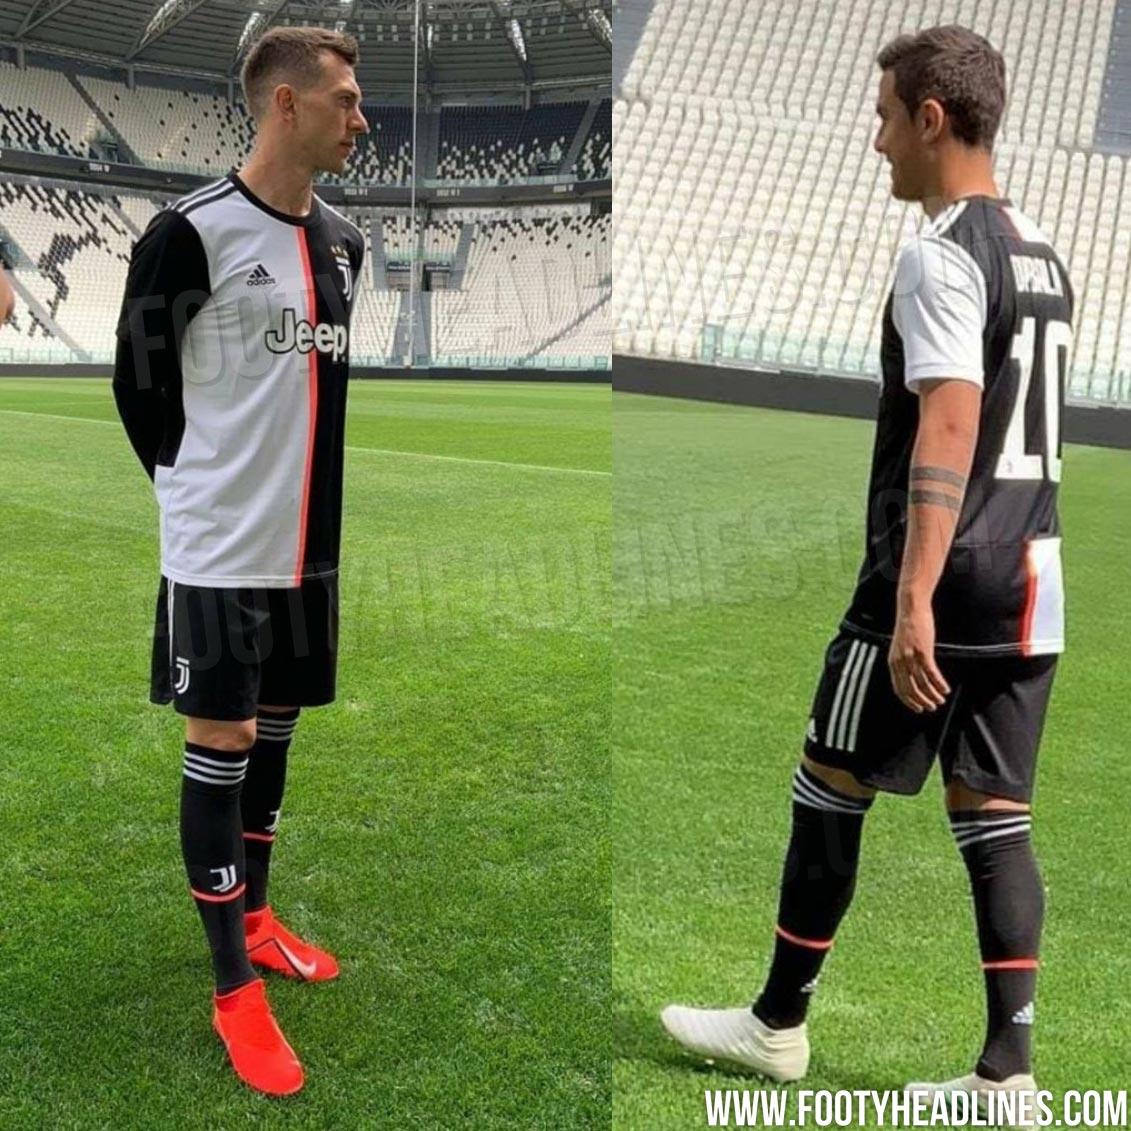 Komplette Juventus Trikot Historie Von 1897 Bis 2019